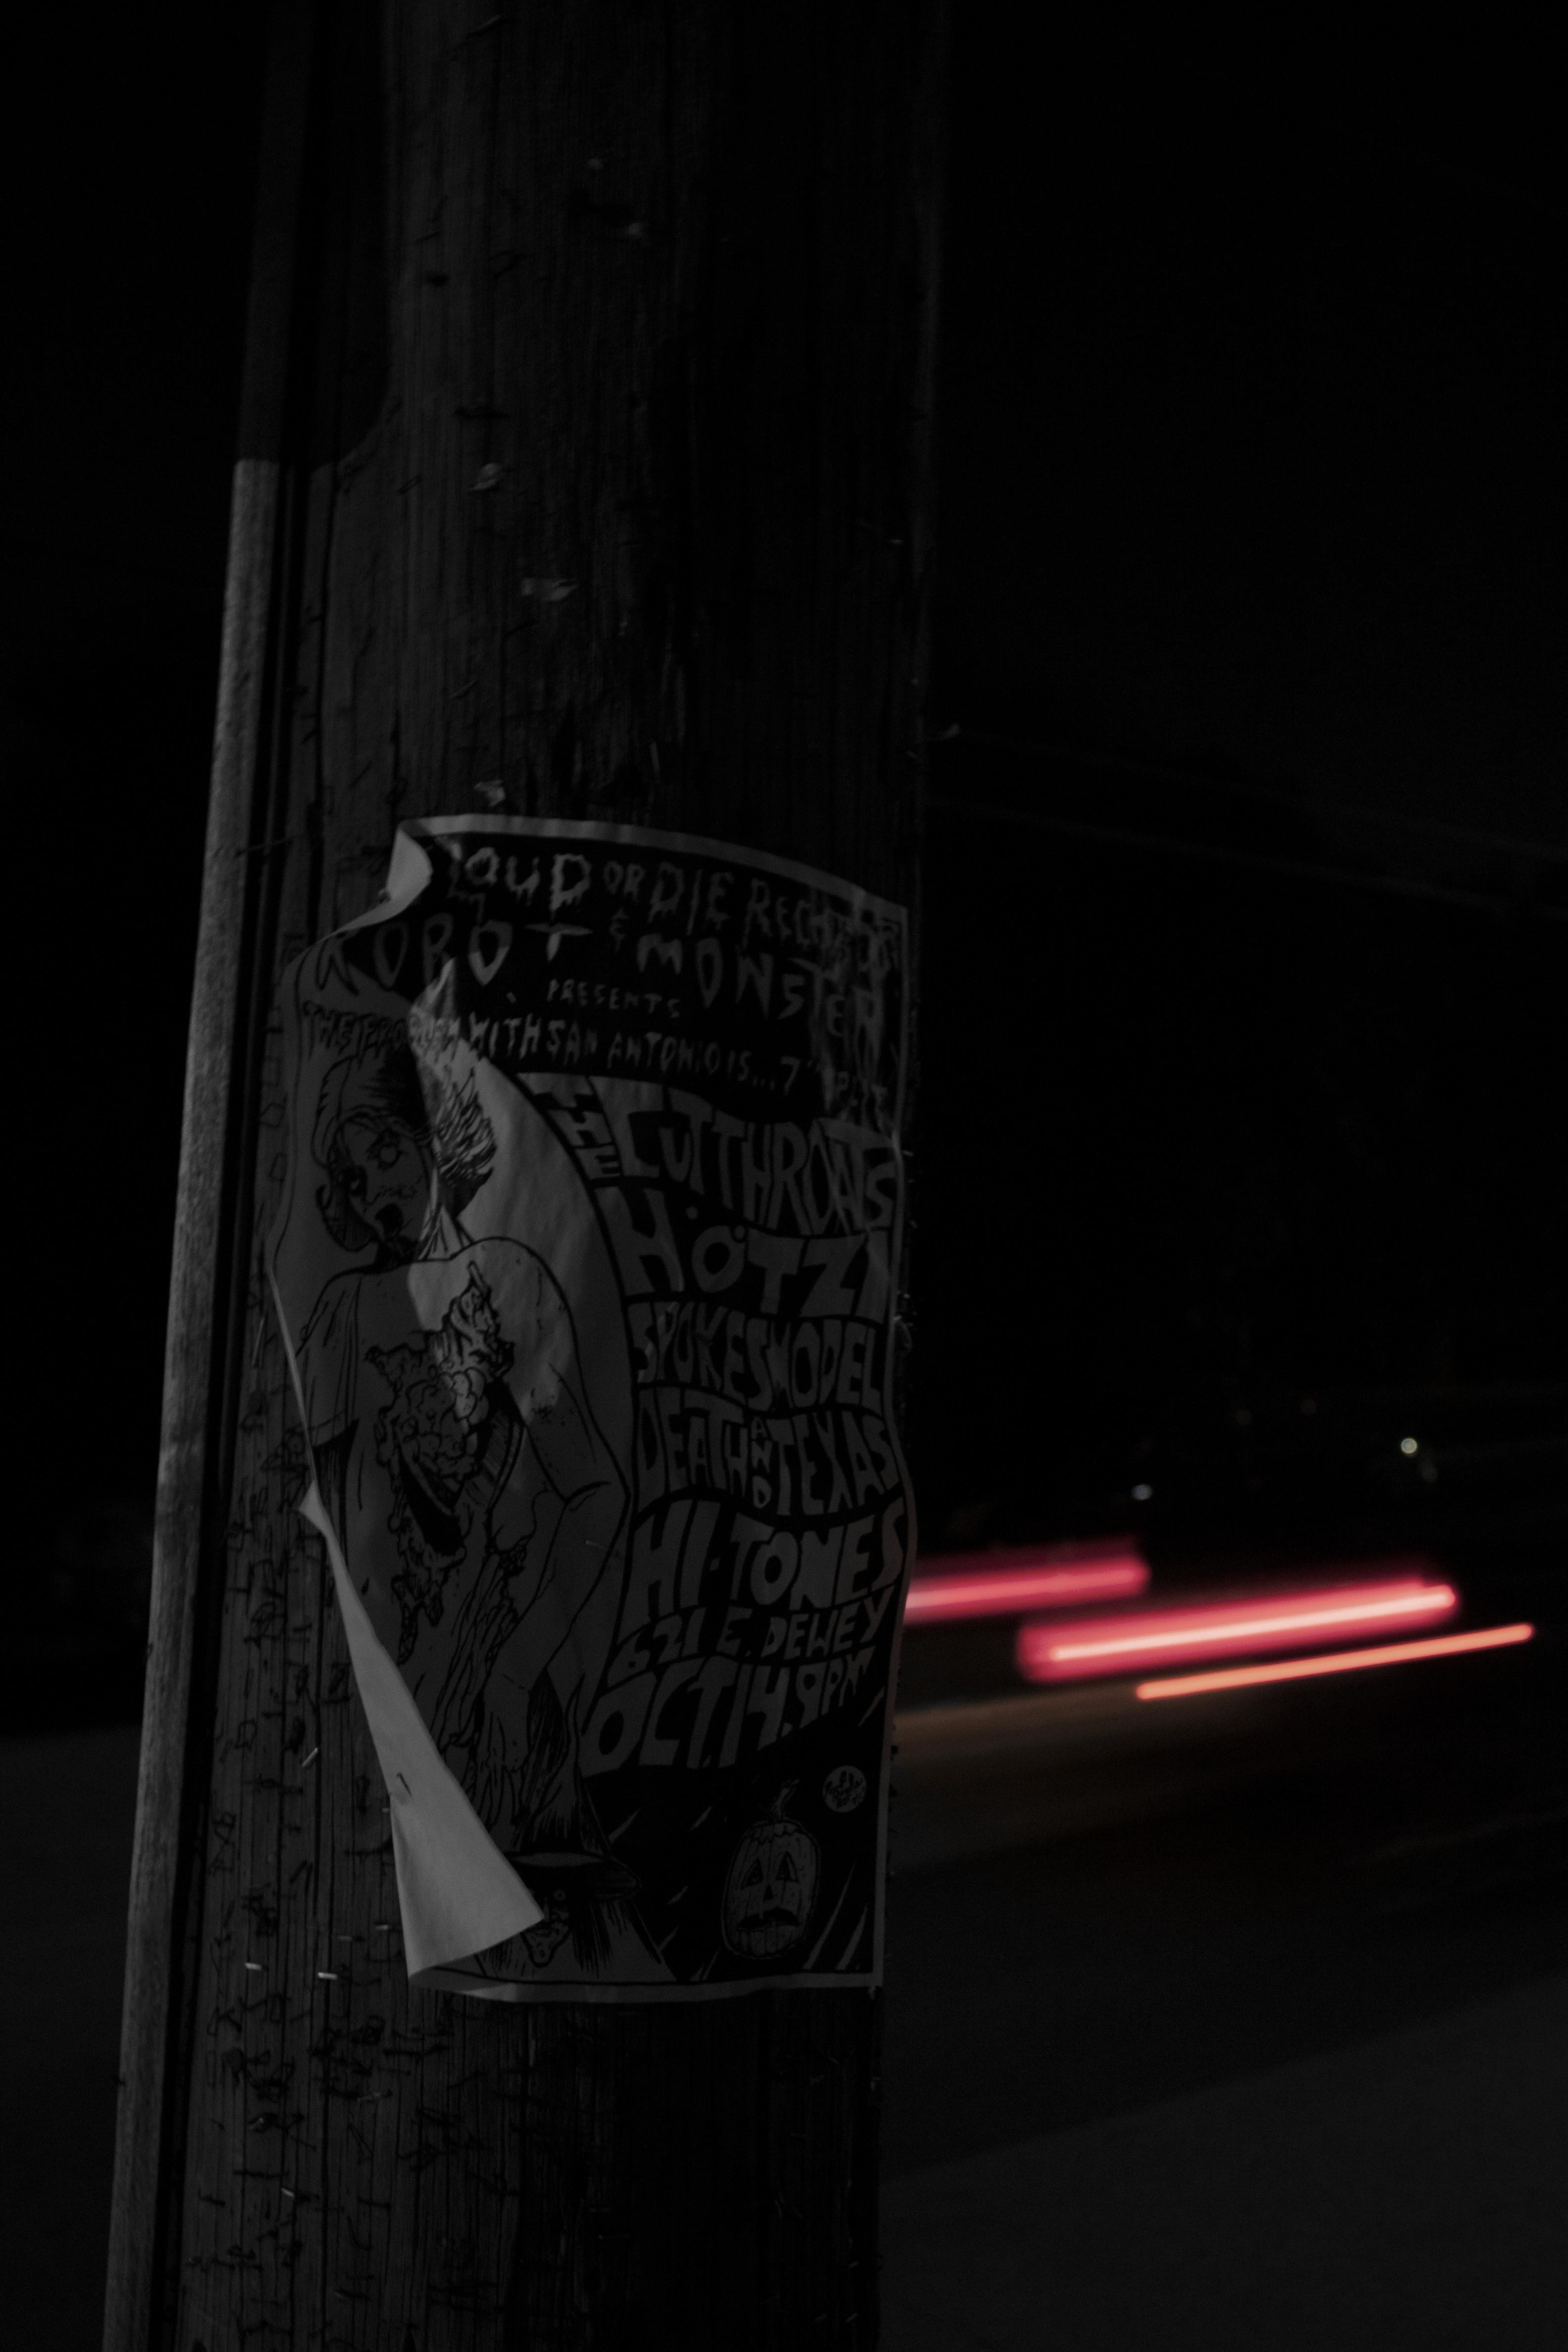 gnu3/img/glitch/poster.jpg